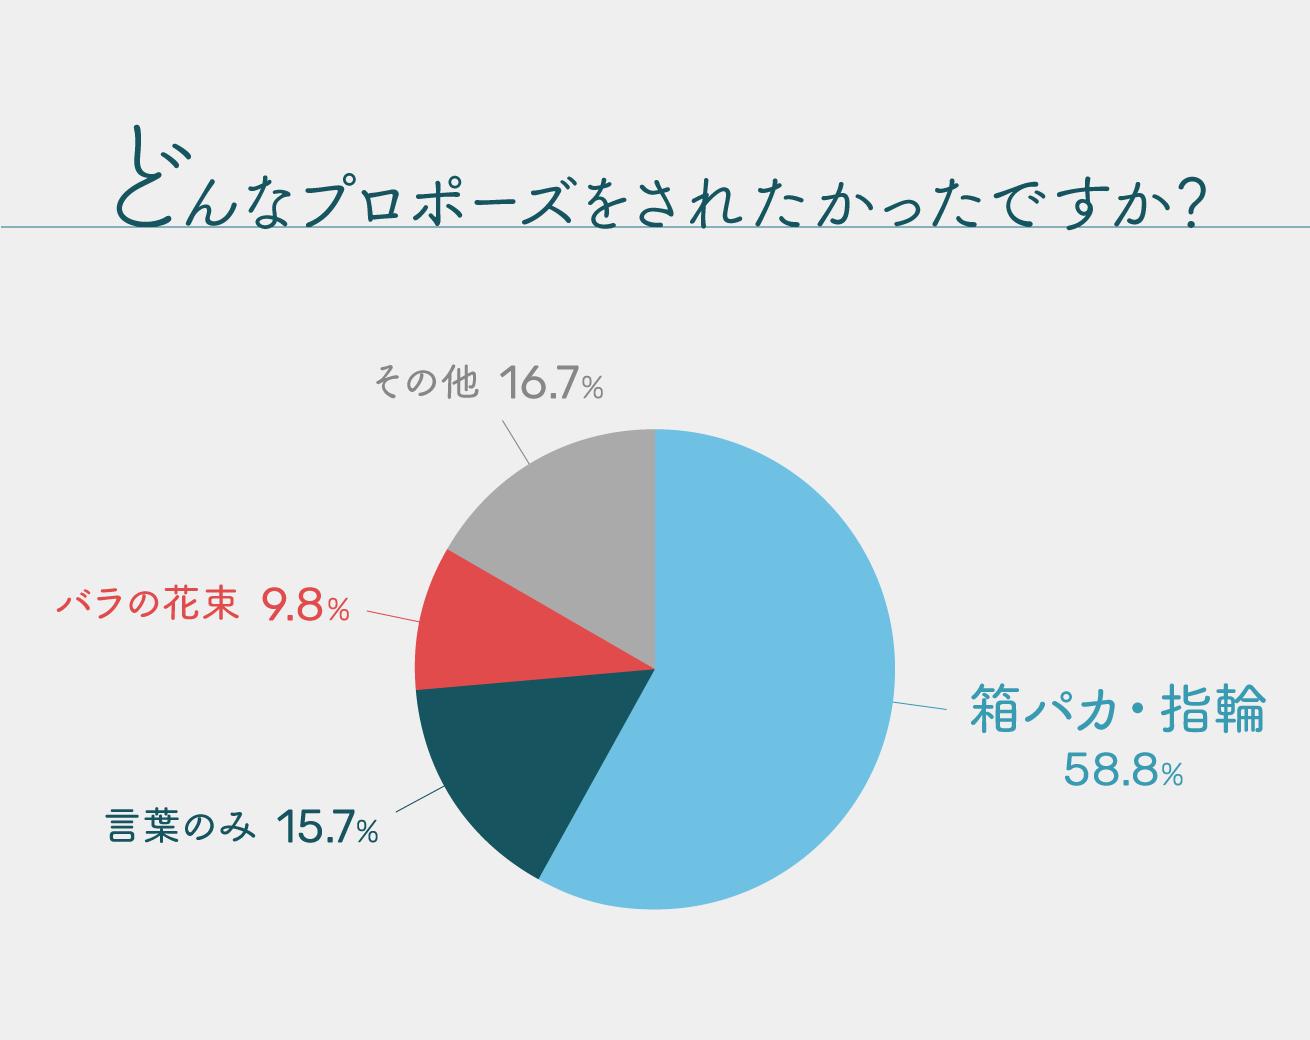 どんなプロポーズをされたかったですか?というアンケートの結果。箱パカ・指輪が1位となっており、58.8%